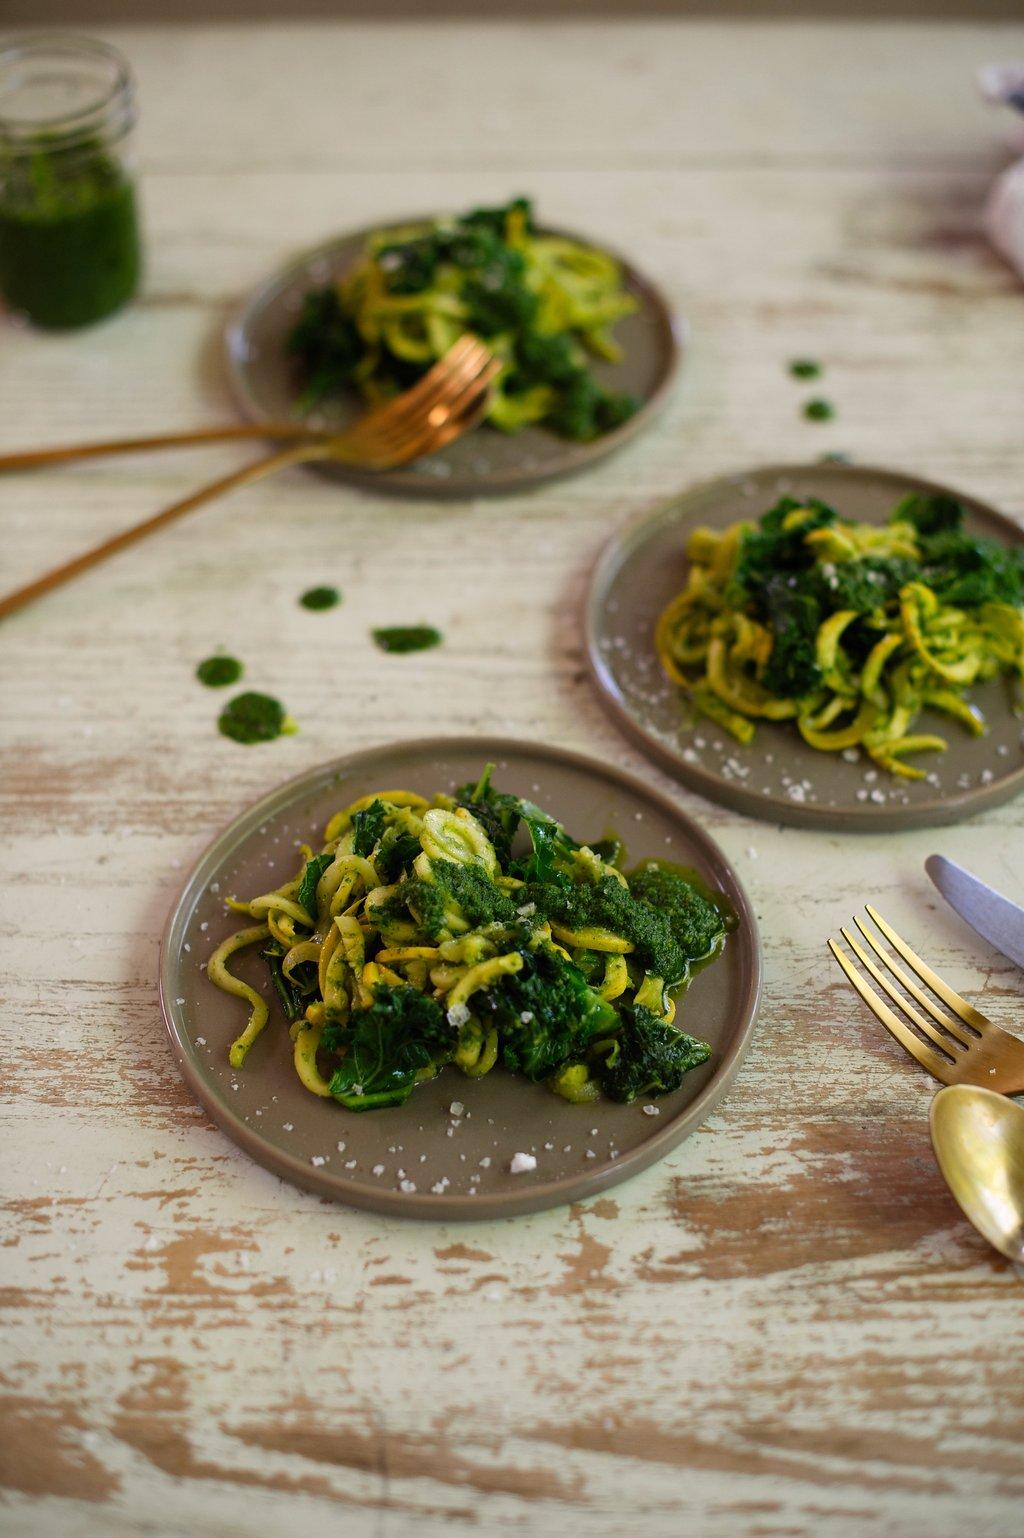 Zucchini-Pasta-wth-Pistachio-Pesto-3